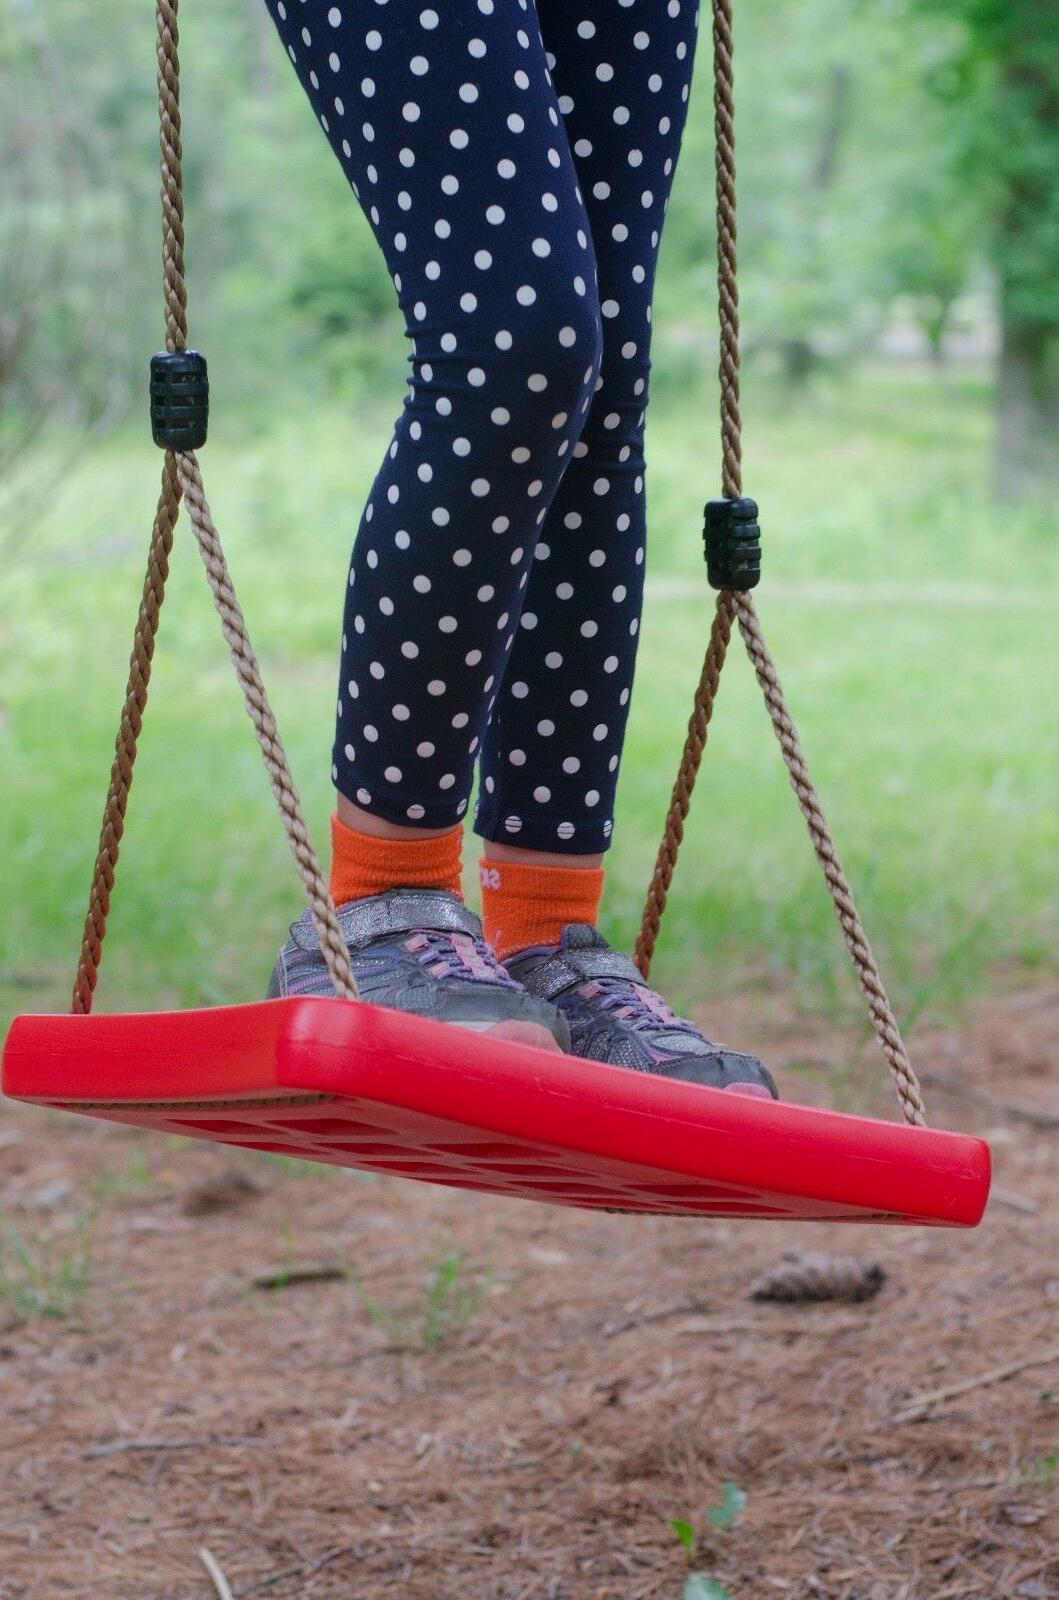 Swingset Swing Kickboard Stand N